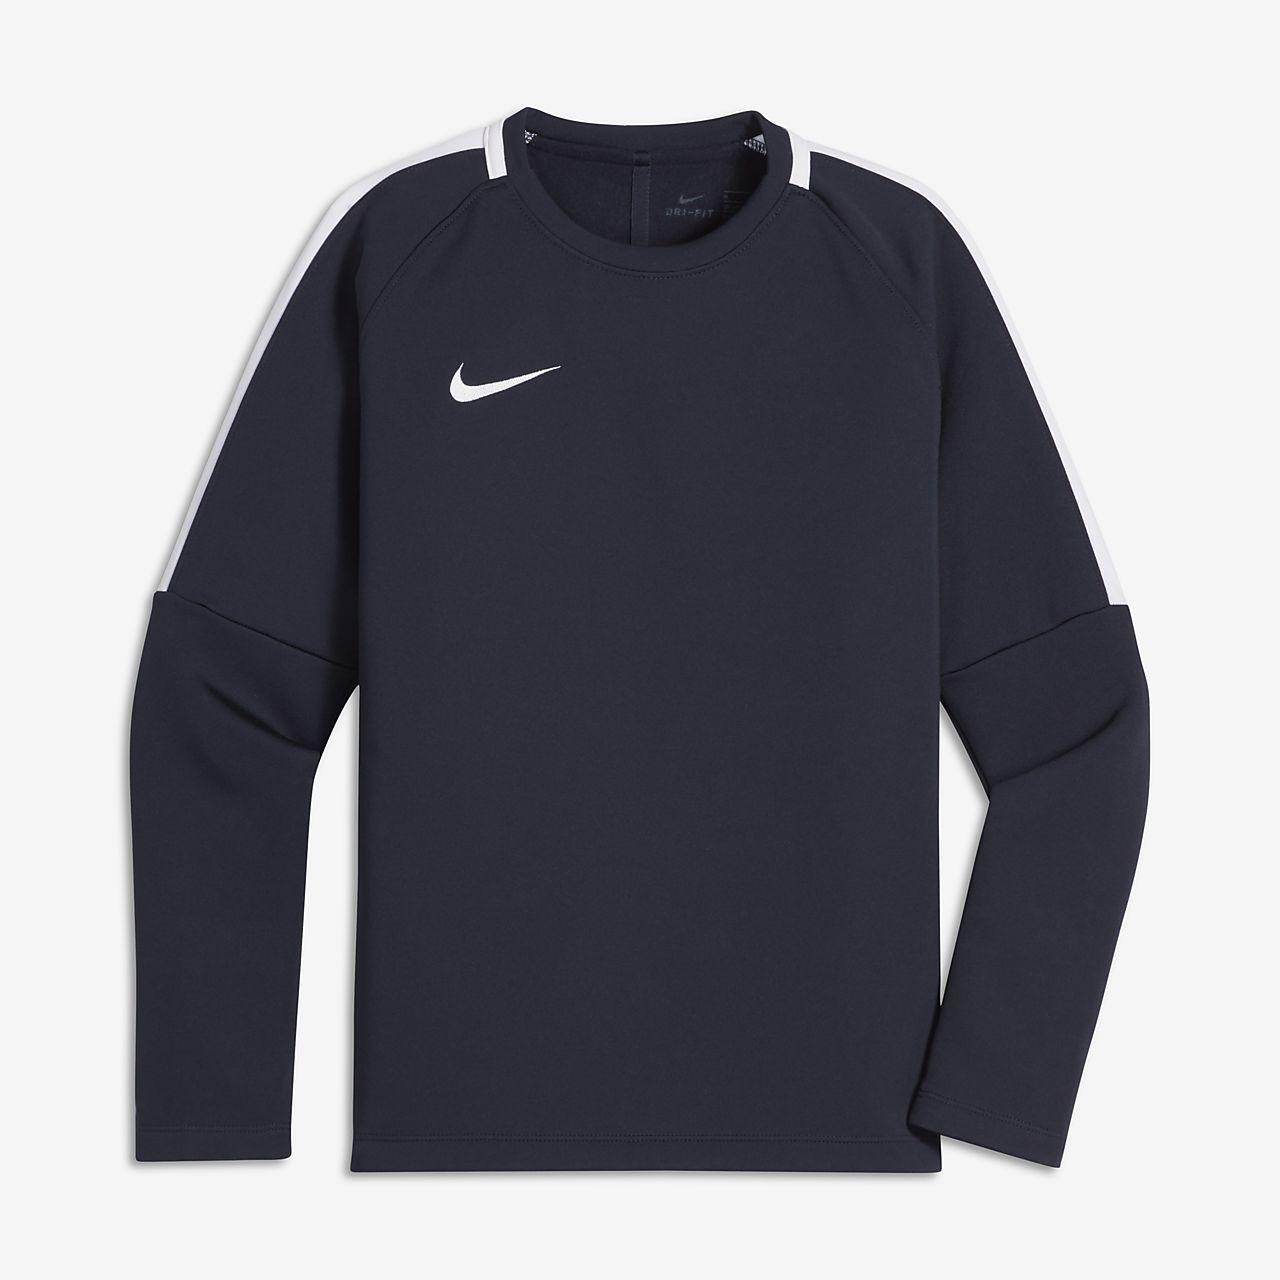 Nike Dri-FIT Academy-fodboldtrøje til store børn (drenge)